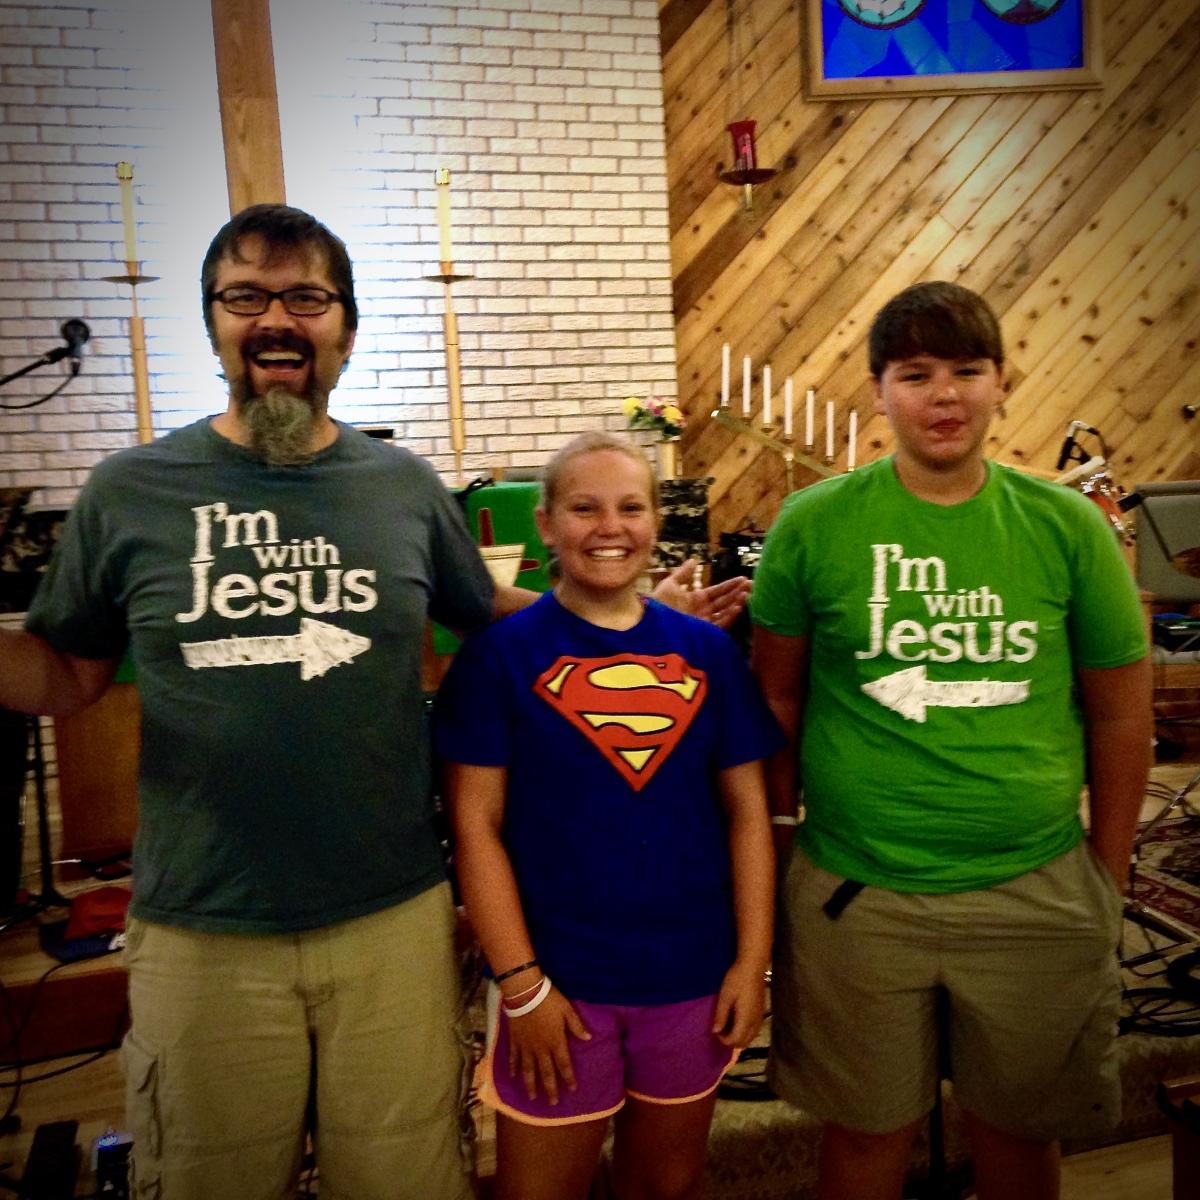 Best Jesus Photo Yet!